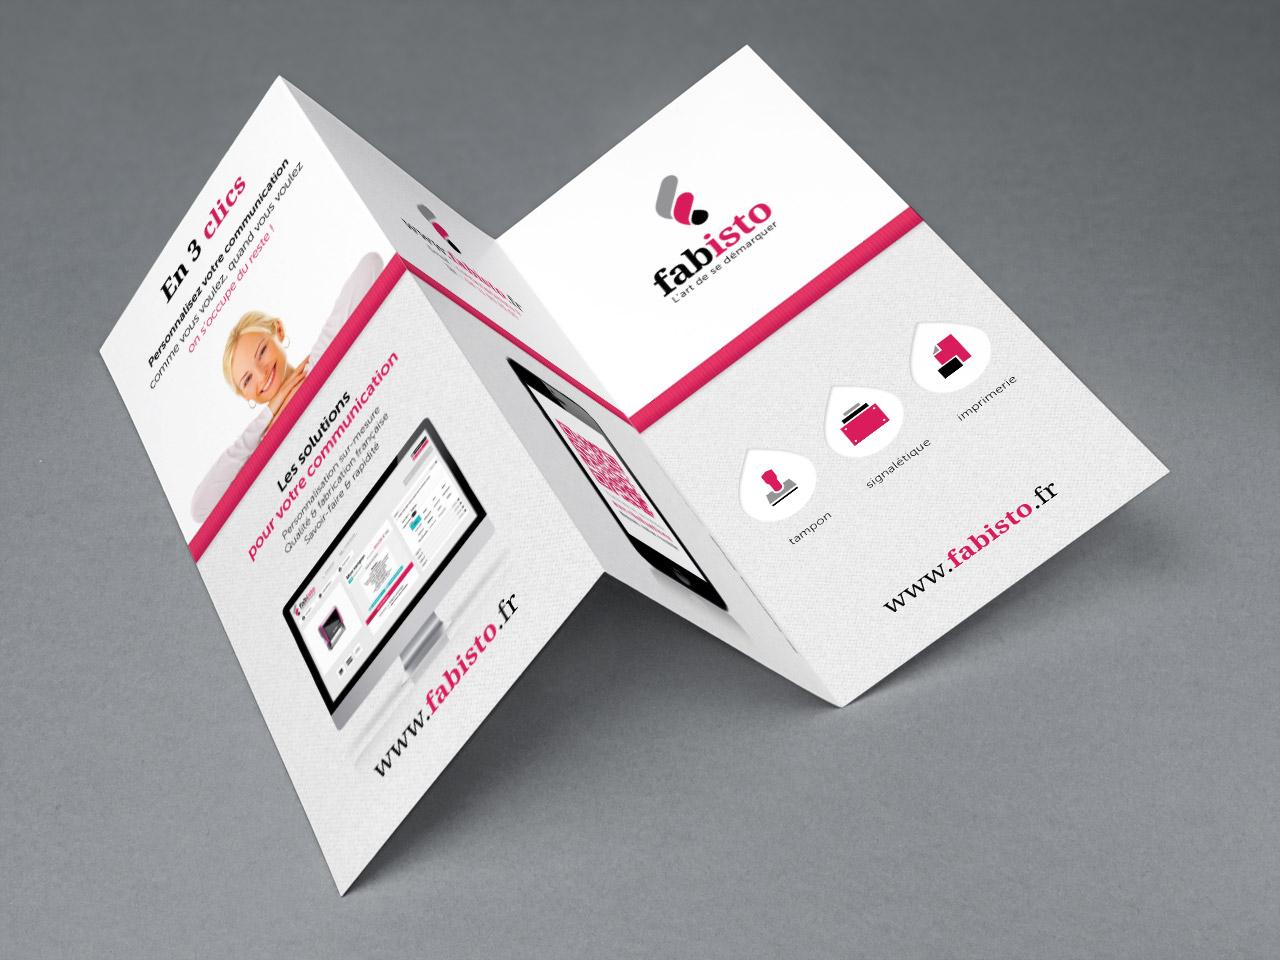 fabisto-depliant-3-volets-couverture-creation-communication-caconcept-alexis-cretin-graphiste